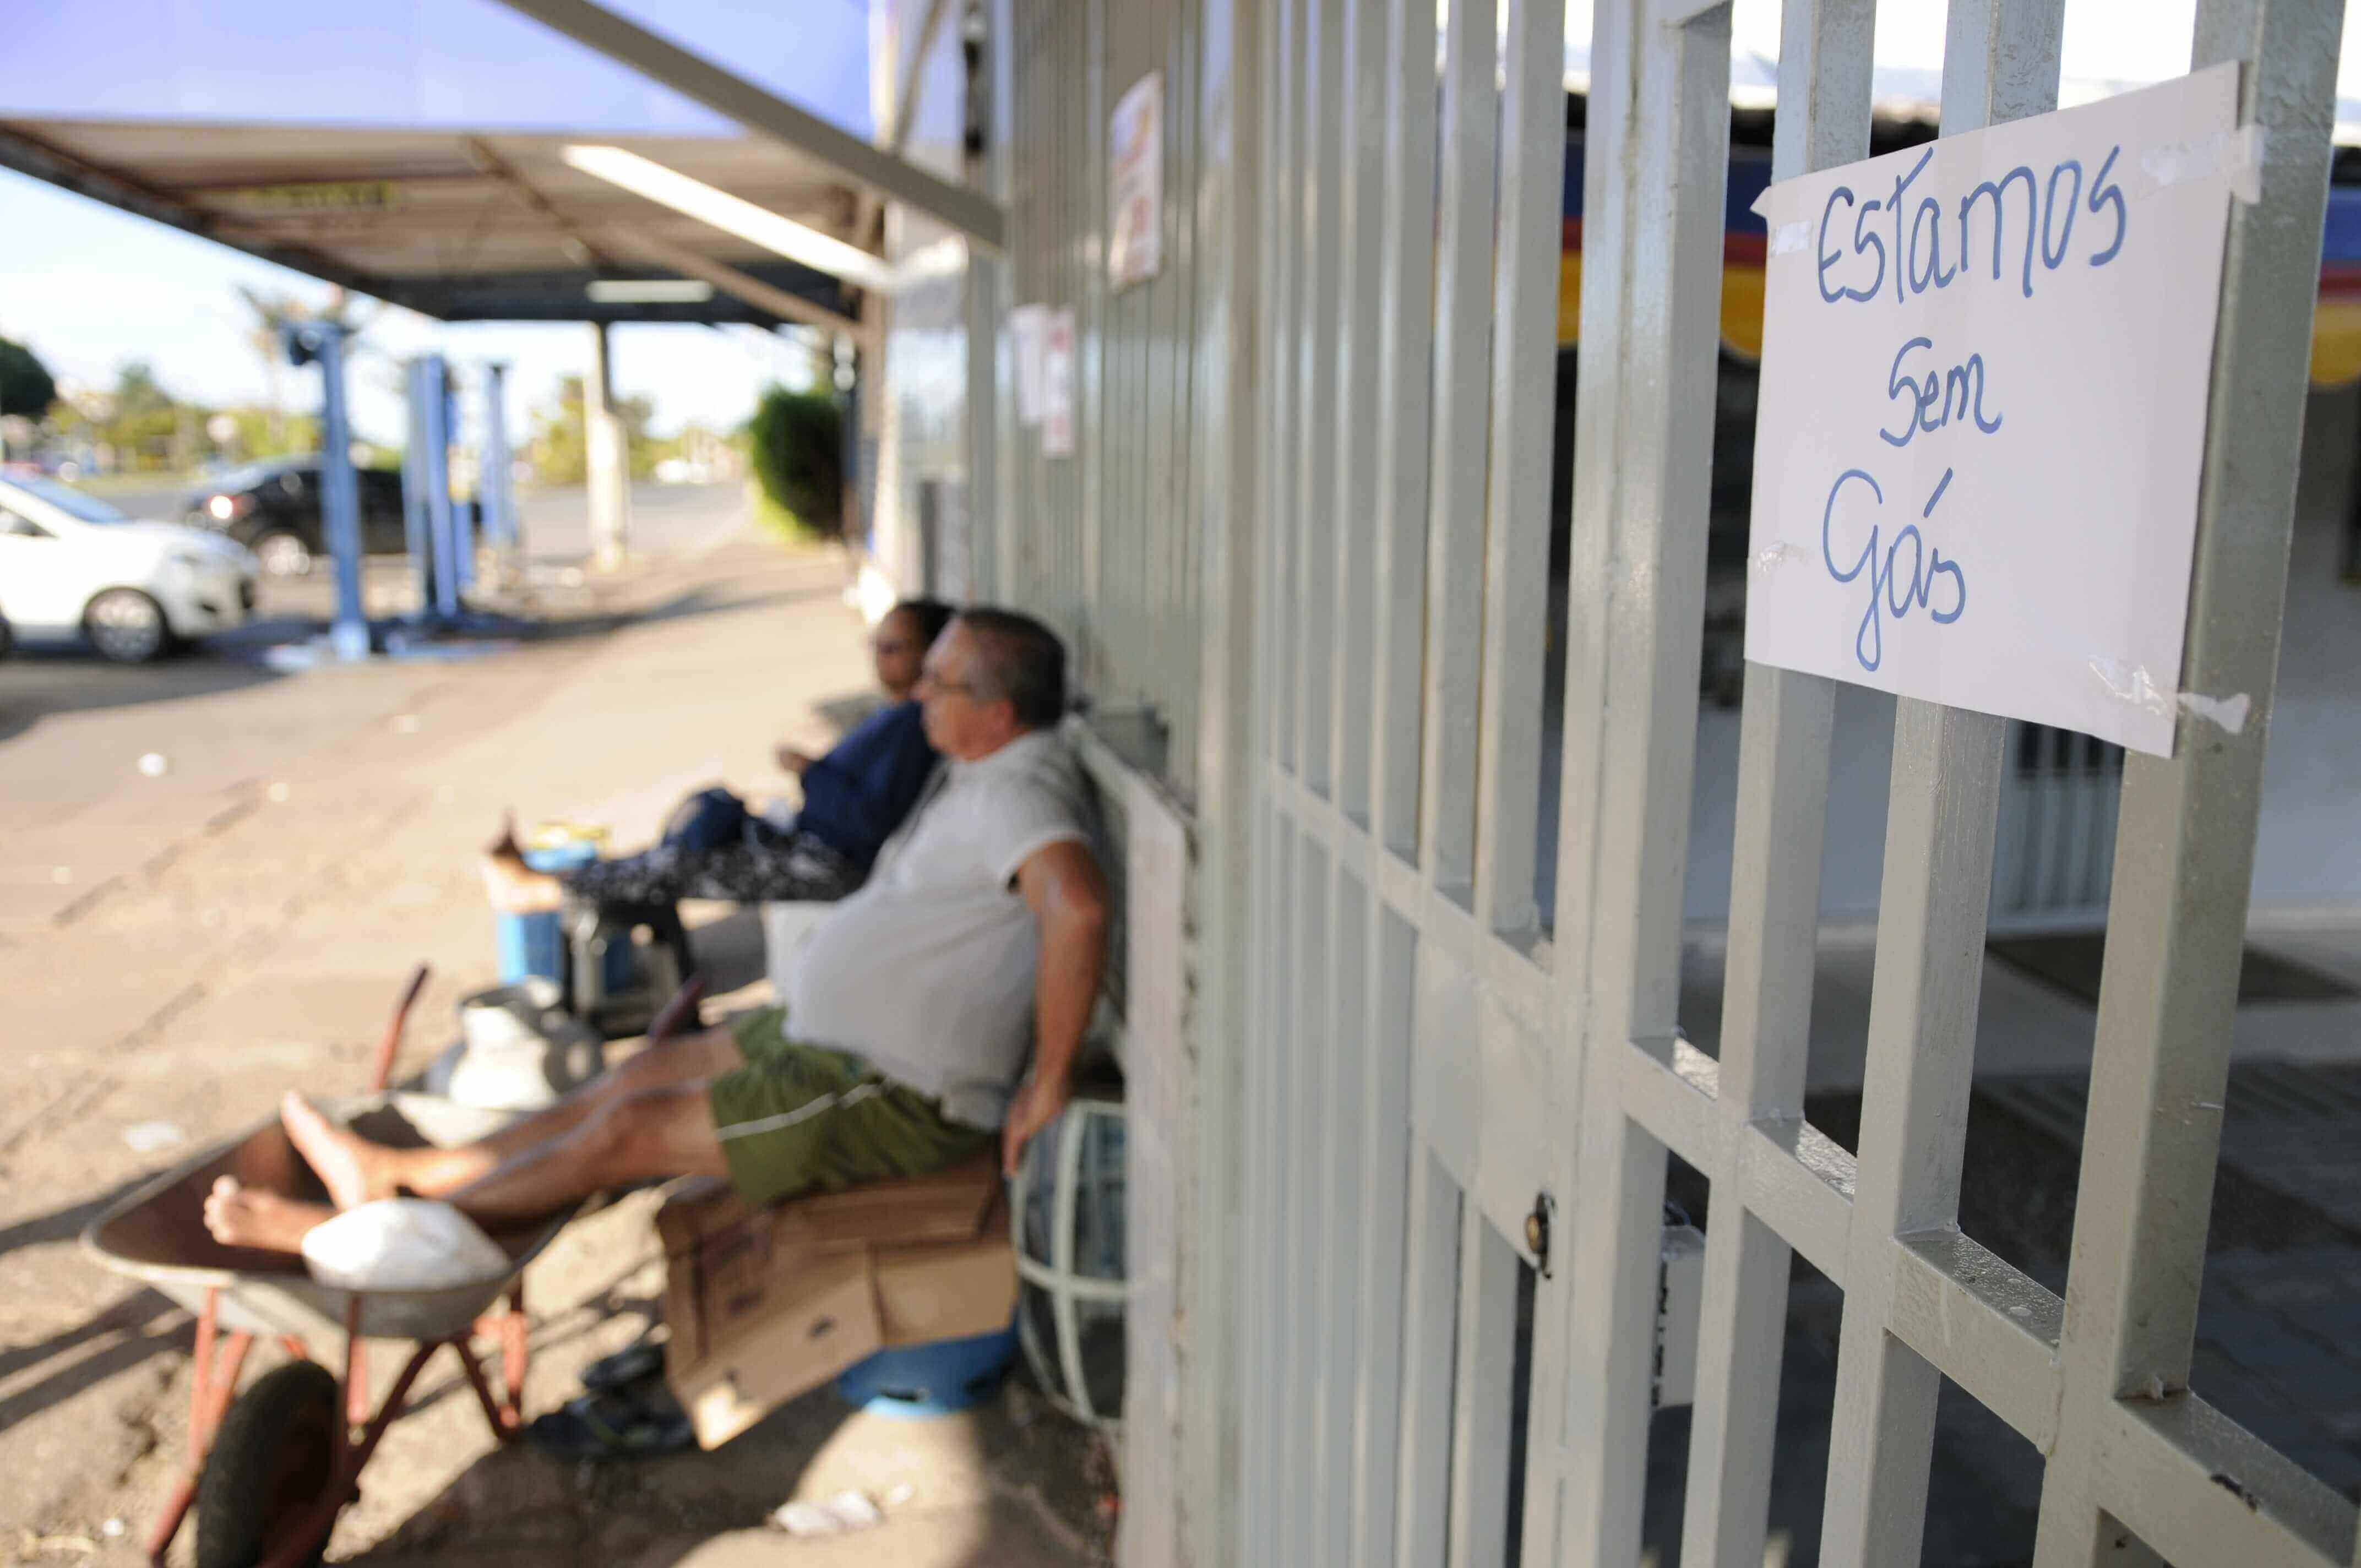 Foto: jornaldebrasilia.com.br